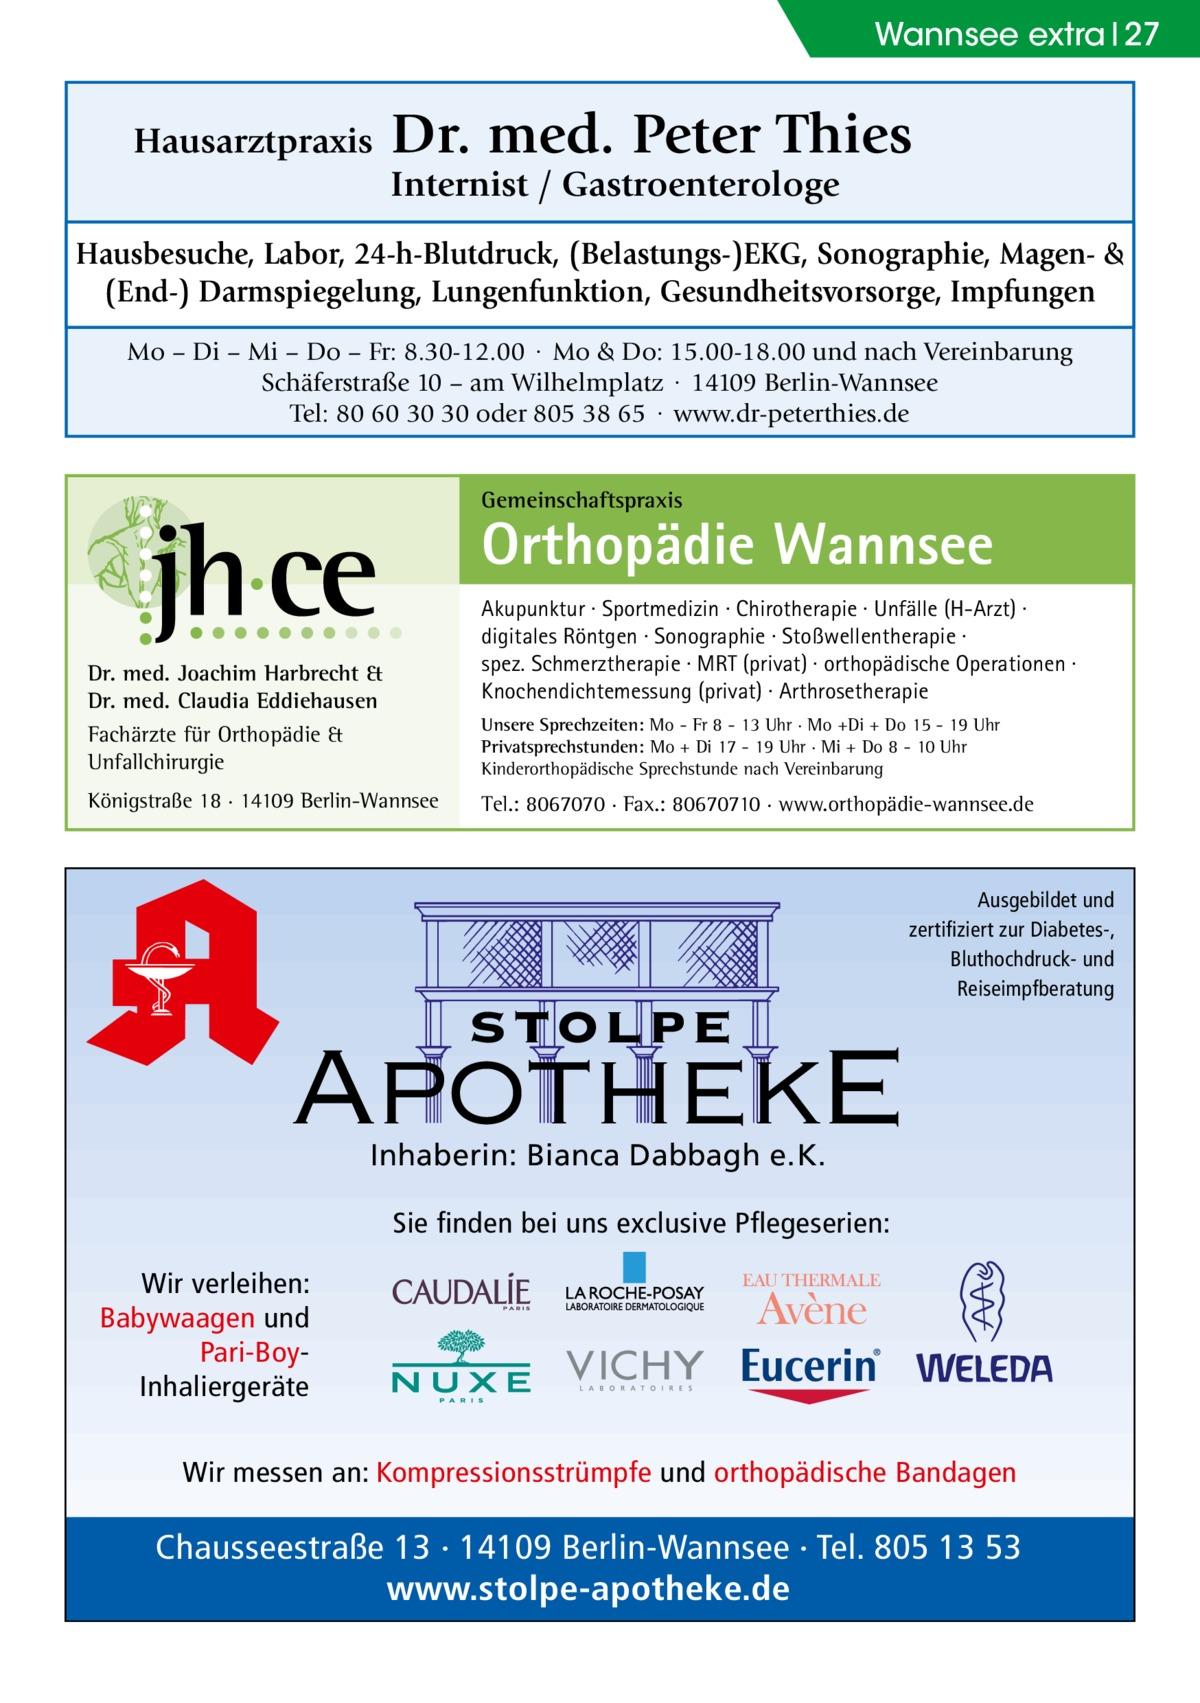 Wannsee extra 27  Hausarztpraxis  Dr. med. Peter Thies Internist / Gastroenterologe  Hausbesuche, Labor, 24-h-Blutdruck, (Belastungs-)EKG, Sonographie, Magen- & (End-) Darmspiegelung, Lungenfunktion, Gesundheitsvorsorge, Impfungen Mo – Di – Mi – Do – Fr: 8.30-12.00 · Mo & Do: 15.00-18.00 und nach Vereinbarung Schäferstraße 10 – am Wilhelmplatz · 14109 Berlin-Wannsee Tel: 80 60 30 30 oder 805 38 65 · www.dr-peterthies.de Gemeinschaftspraxis  Orthopädie Wannsee Akupunktur · Sportmedizin · Chirotherapie · Unfälle (H-Arzt) · digitales Röntgen · Sonographie · Stoßwellentherapie · spez. Schmerztherapie · MRT (privat) · orthopädische Operationen · Knochendichtemessung (privat) · Arthrosetherapie  Dr. med. Joachim Harbrecht & Dr. med. Claudia Eddiehausen Fachärzte für Orthopädie & Unfallchirurgie  Unsere Sprechzeiten: Mo - Fr 8 - 13 Uhr · Mo +Di + Do 15 - 19 Uhr Privatsprechstunden: Mo + Di 17 - 19 Uhr · Mi + Do 8 - 10 Uhr Kinderorthopädische Sprechstunde nach Vereinbarung  Königstraße 18 · 14109 Berlin-Wannsee  Tel.: 8067070 · Fax.: 80670710 · www.orthopädie-wannsee.de  stolpe  Ausgebildet und zertifiziert zur Diabetes-, Bluthochdruck- und Reiseimpfberatung  ApothekE Inhaberin: Bianca Dabbagh e.K.  Sie finden bei uns exclusive Pflegeserien: Wir verleihen: Babywaagen und Pari-BoyInhaliergeräte Wir messen an: Kompressionsstrümpfe und orthopädische Bandagen  Chausseestraße 13 · 14109 Berlin-Wannsee · Tel. 805 13 53 www.stolpe-apotheke.de